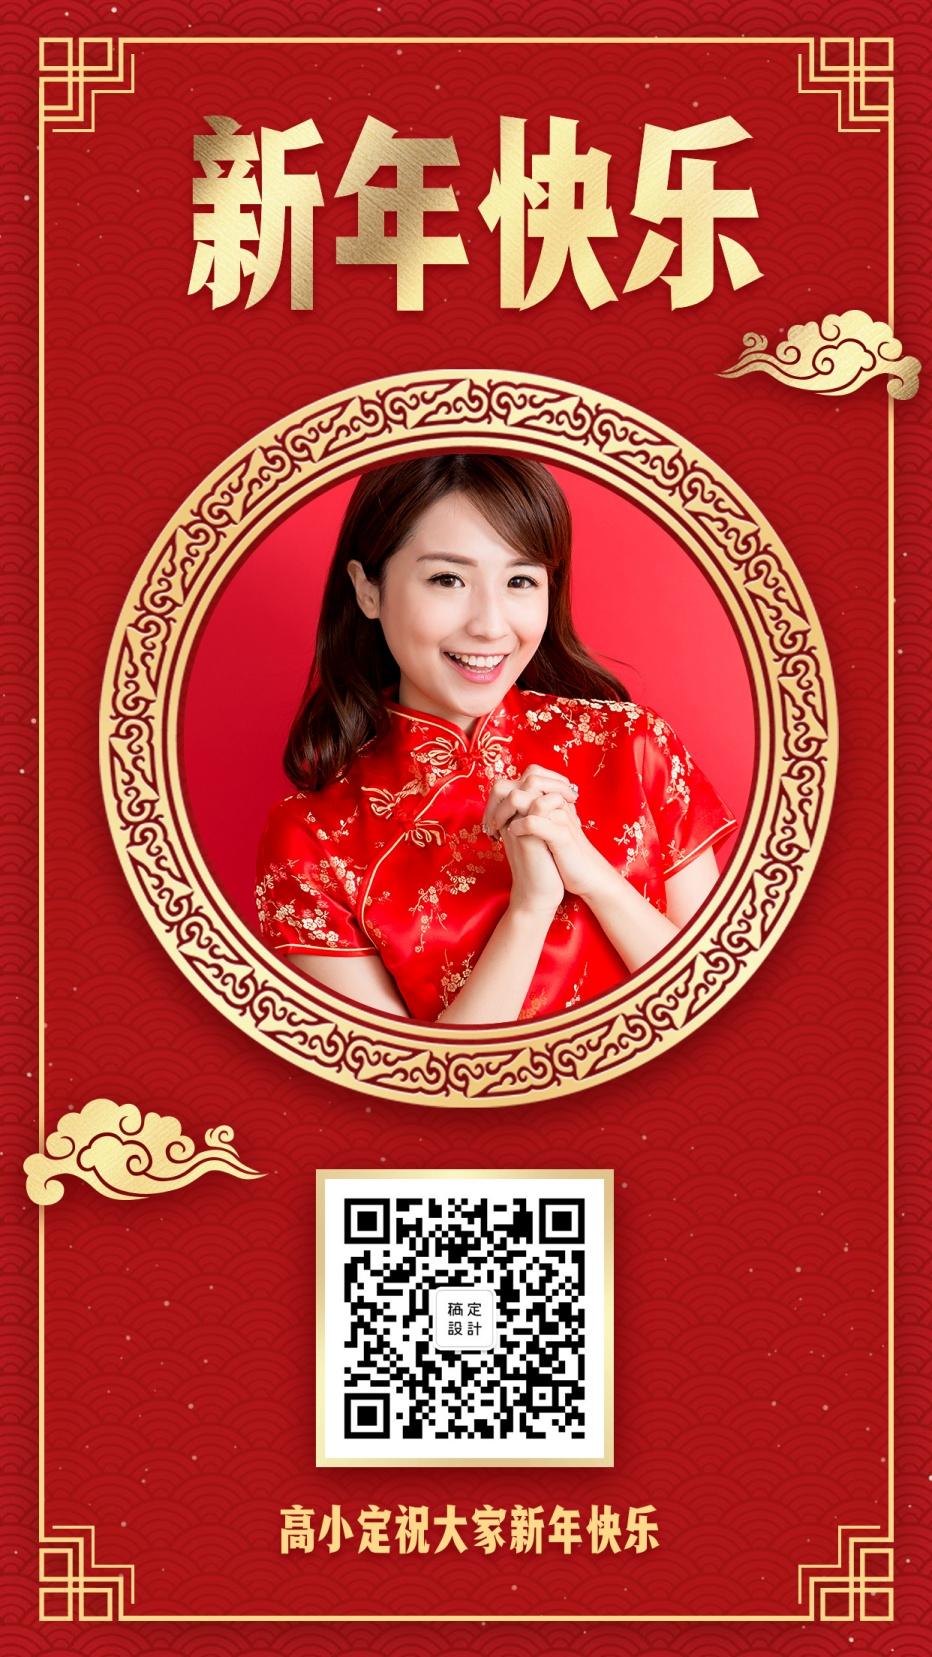 新年快乐节日祝福手机海报